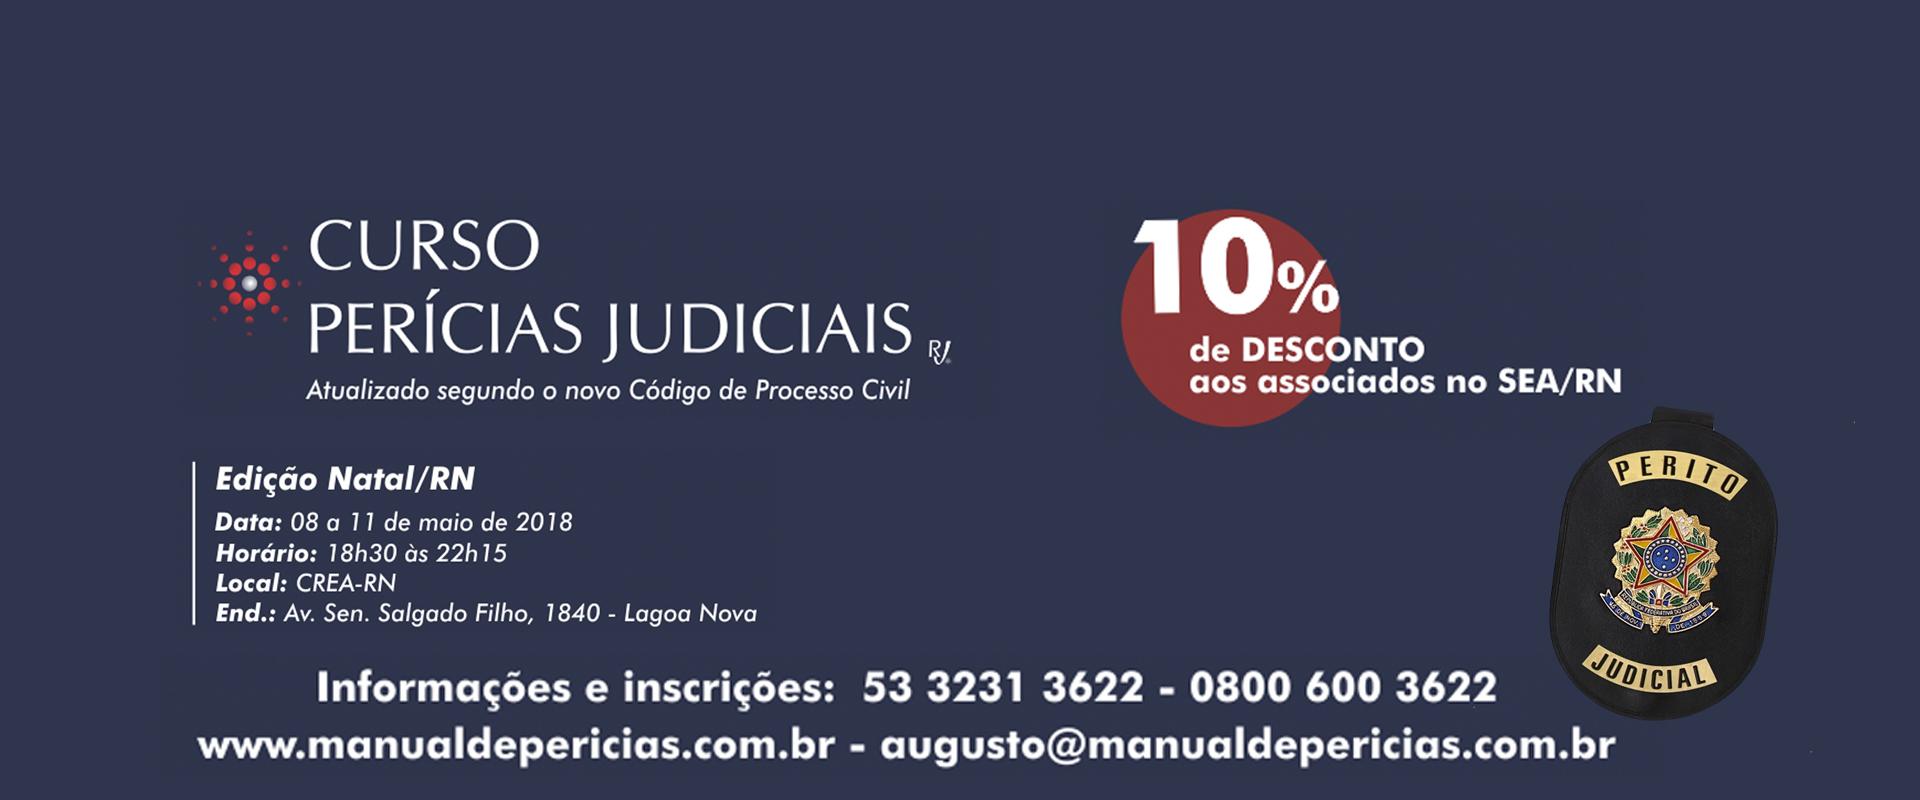 CURSO DE PERÍCIAS JUDICIAIS